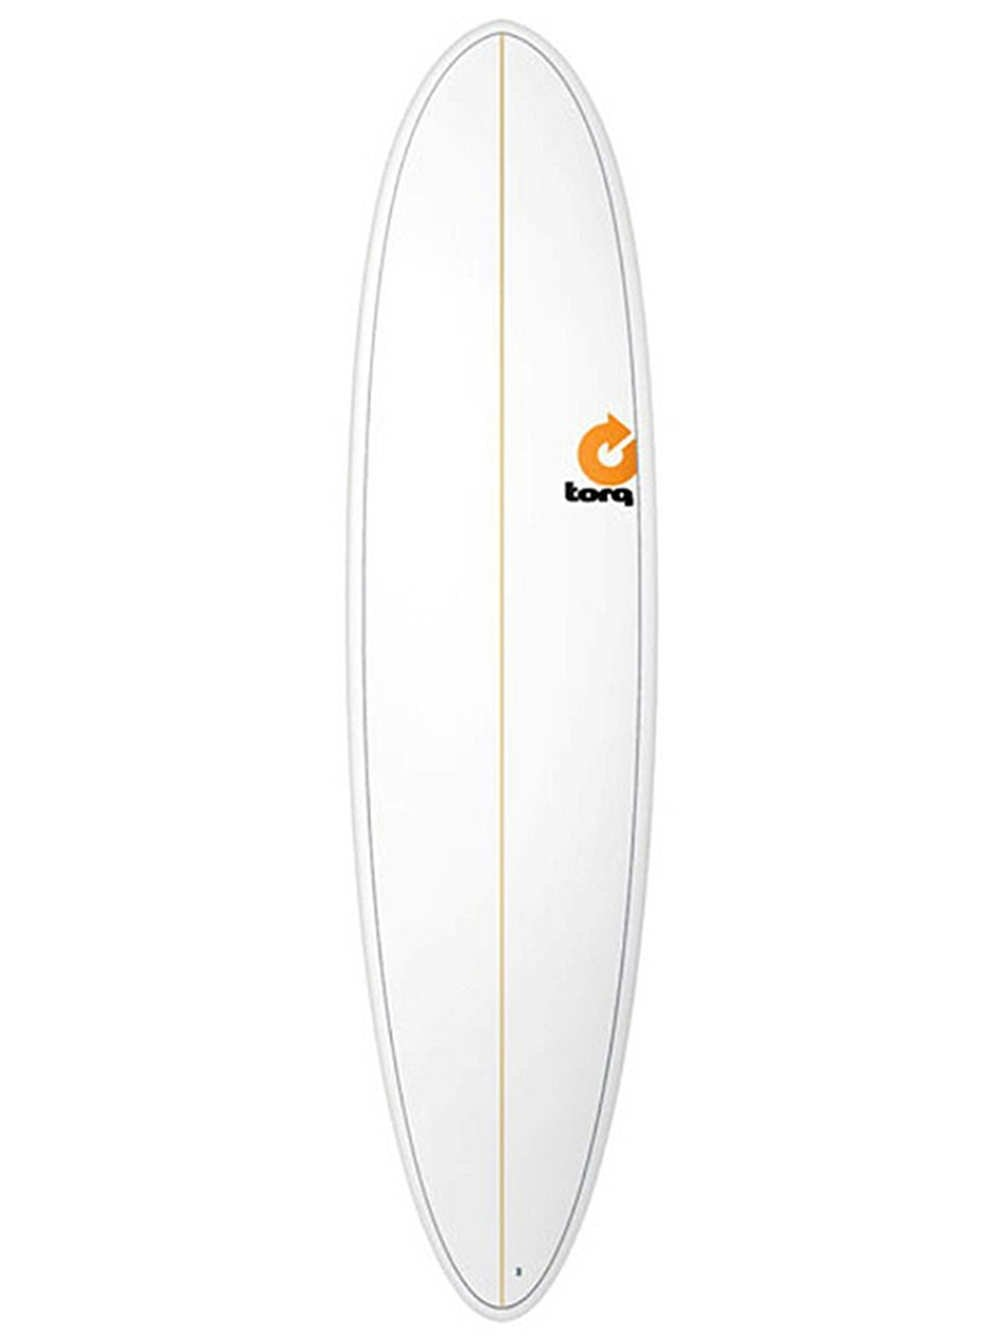 Surfboard Torq Epoxy 7.6 Funboard Pinlines